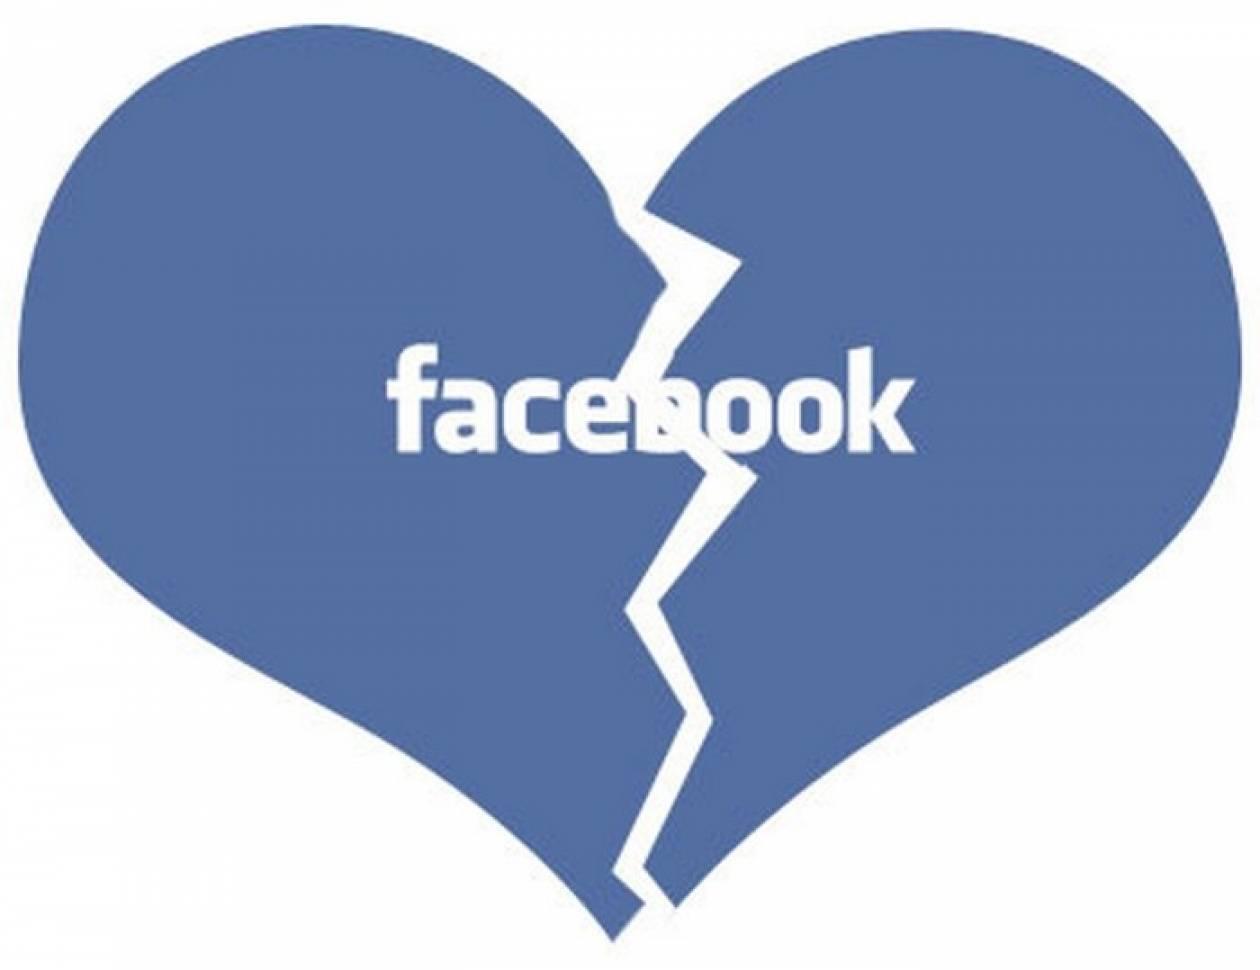 Απίστευτο: Το Facebook ξέρει πότε θα χωρίσεις, πριν το μάθεις εσύ!